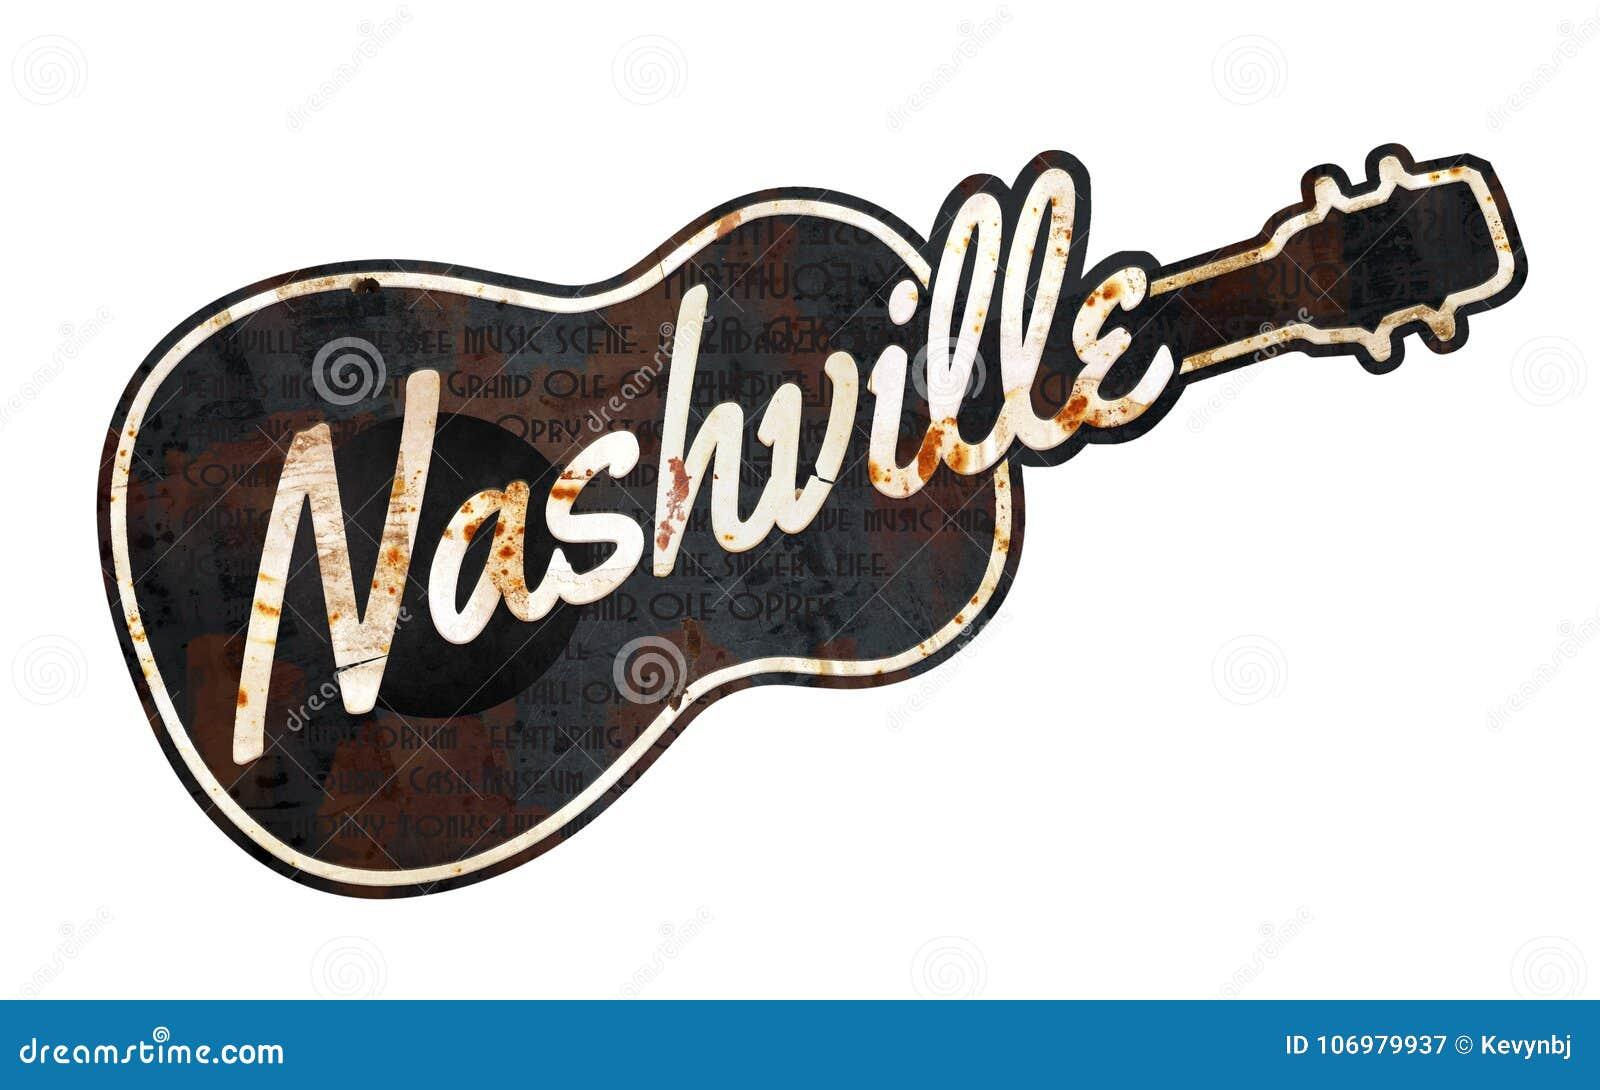 Nashville Sign Grunge